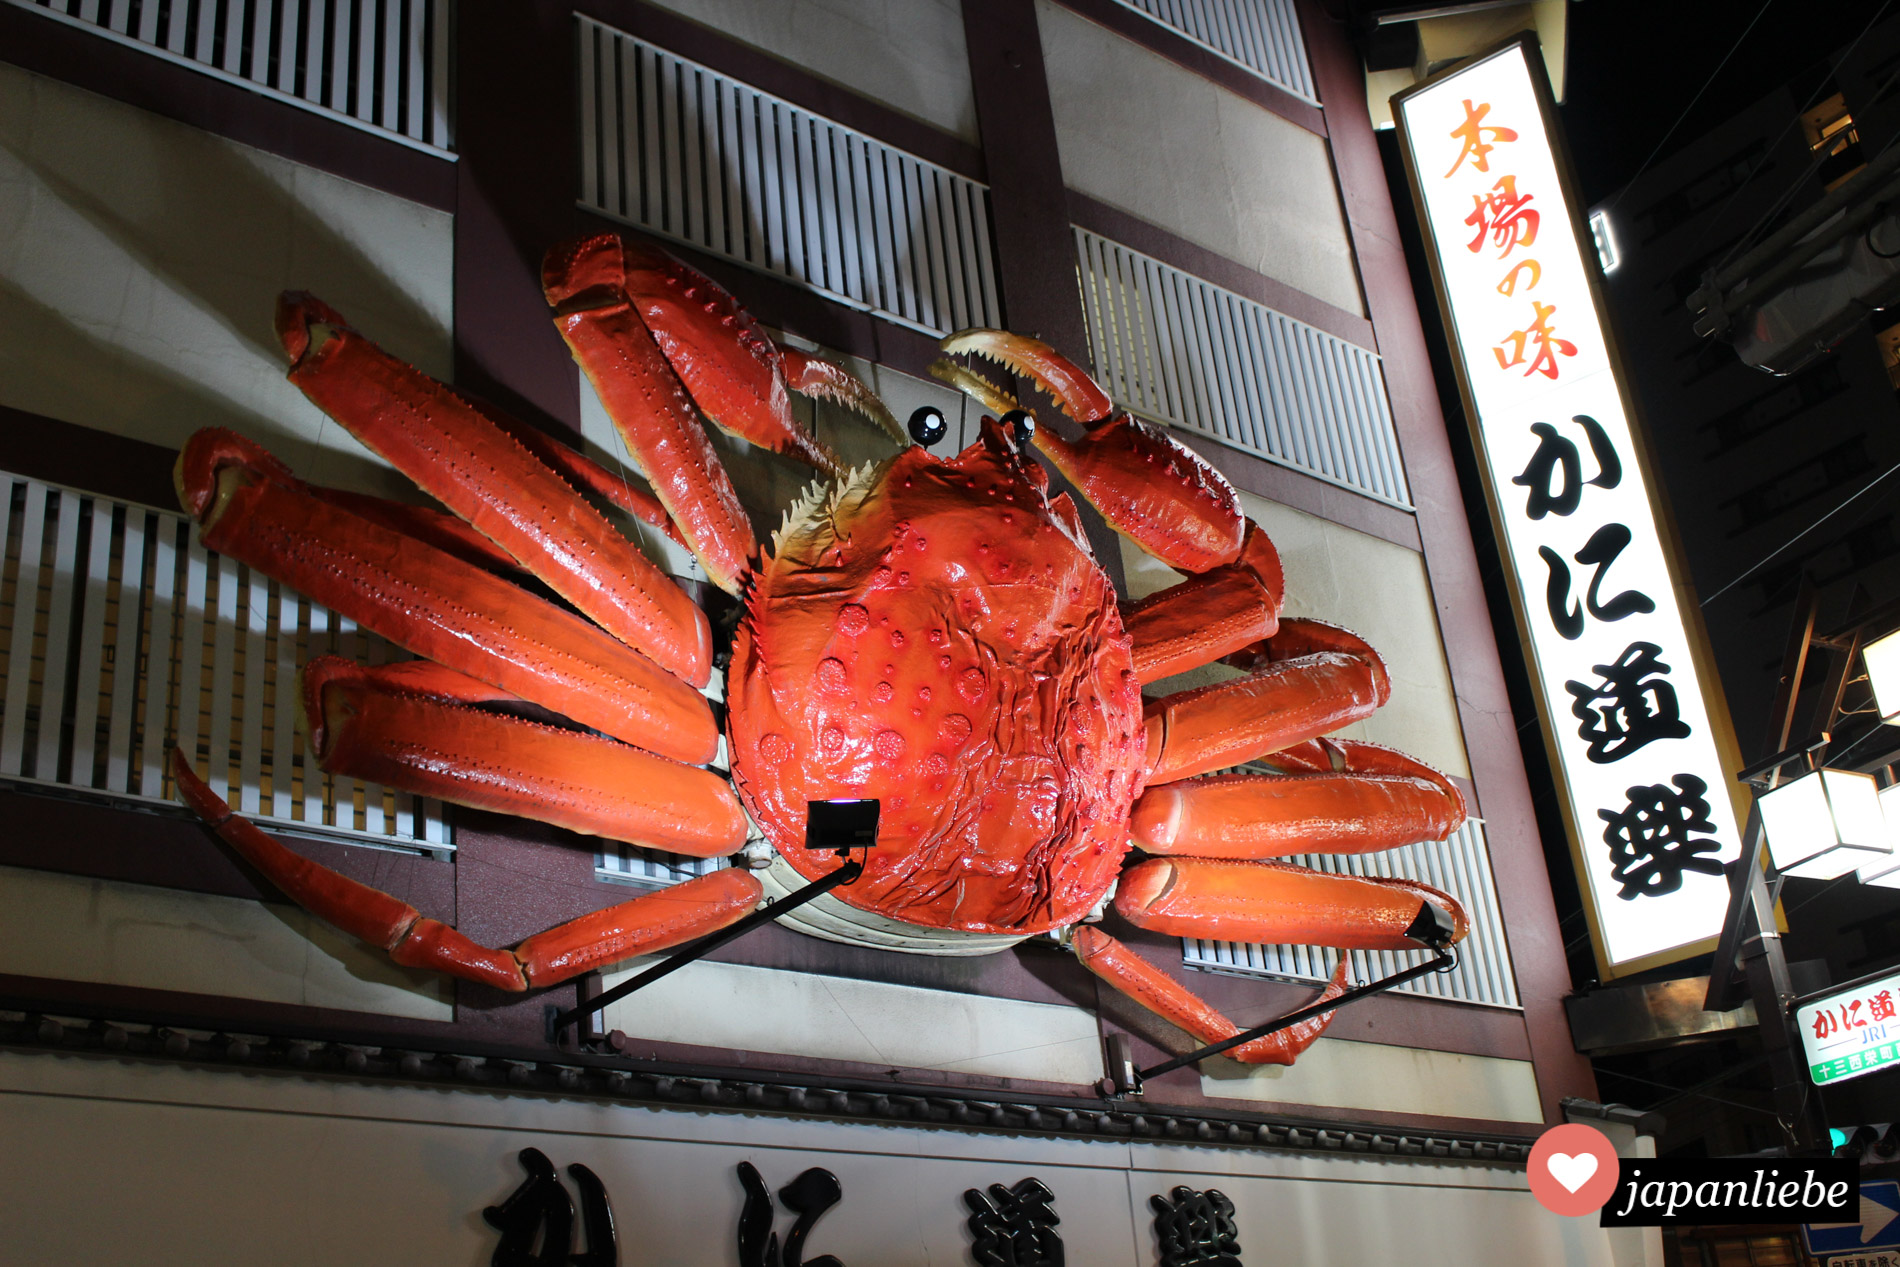 Eine sich bewegende Krabbe versucht Passanten in ein Restaurant in Osaka zu locken.